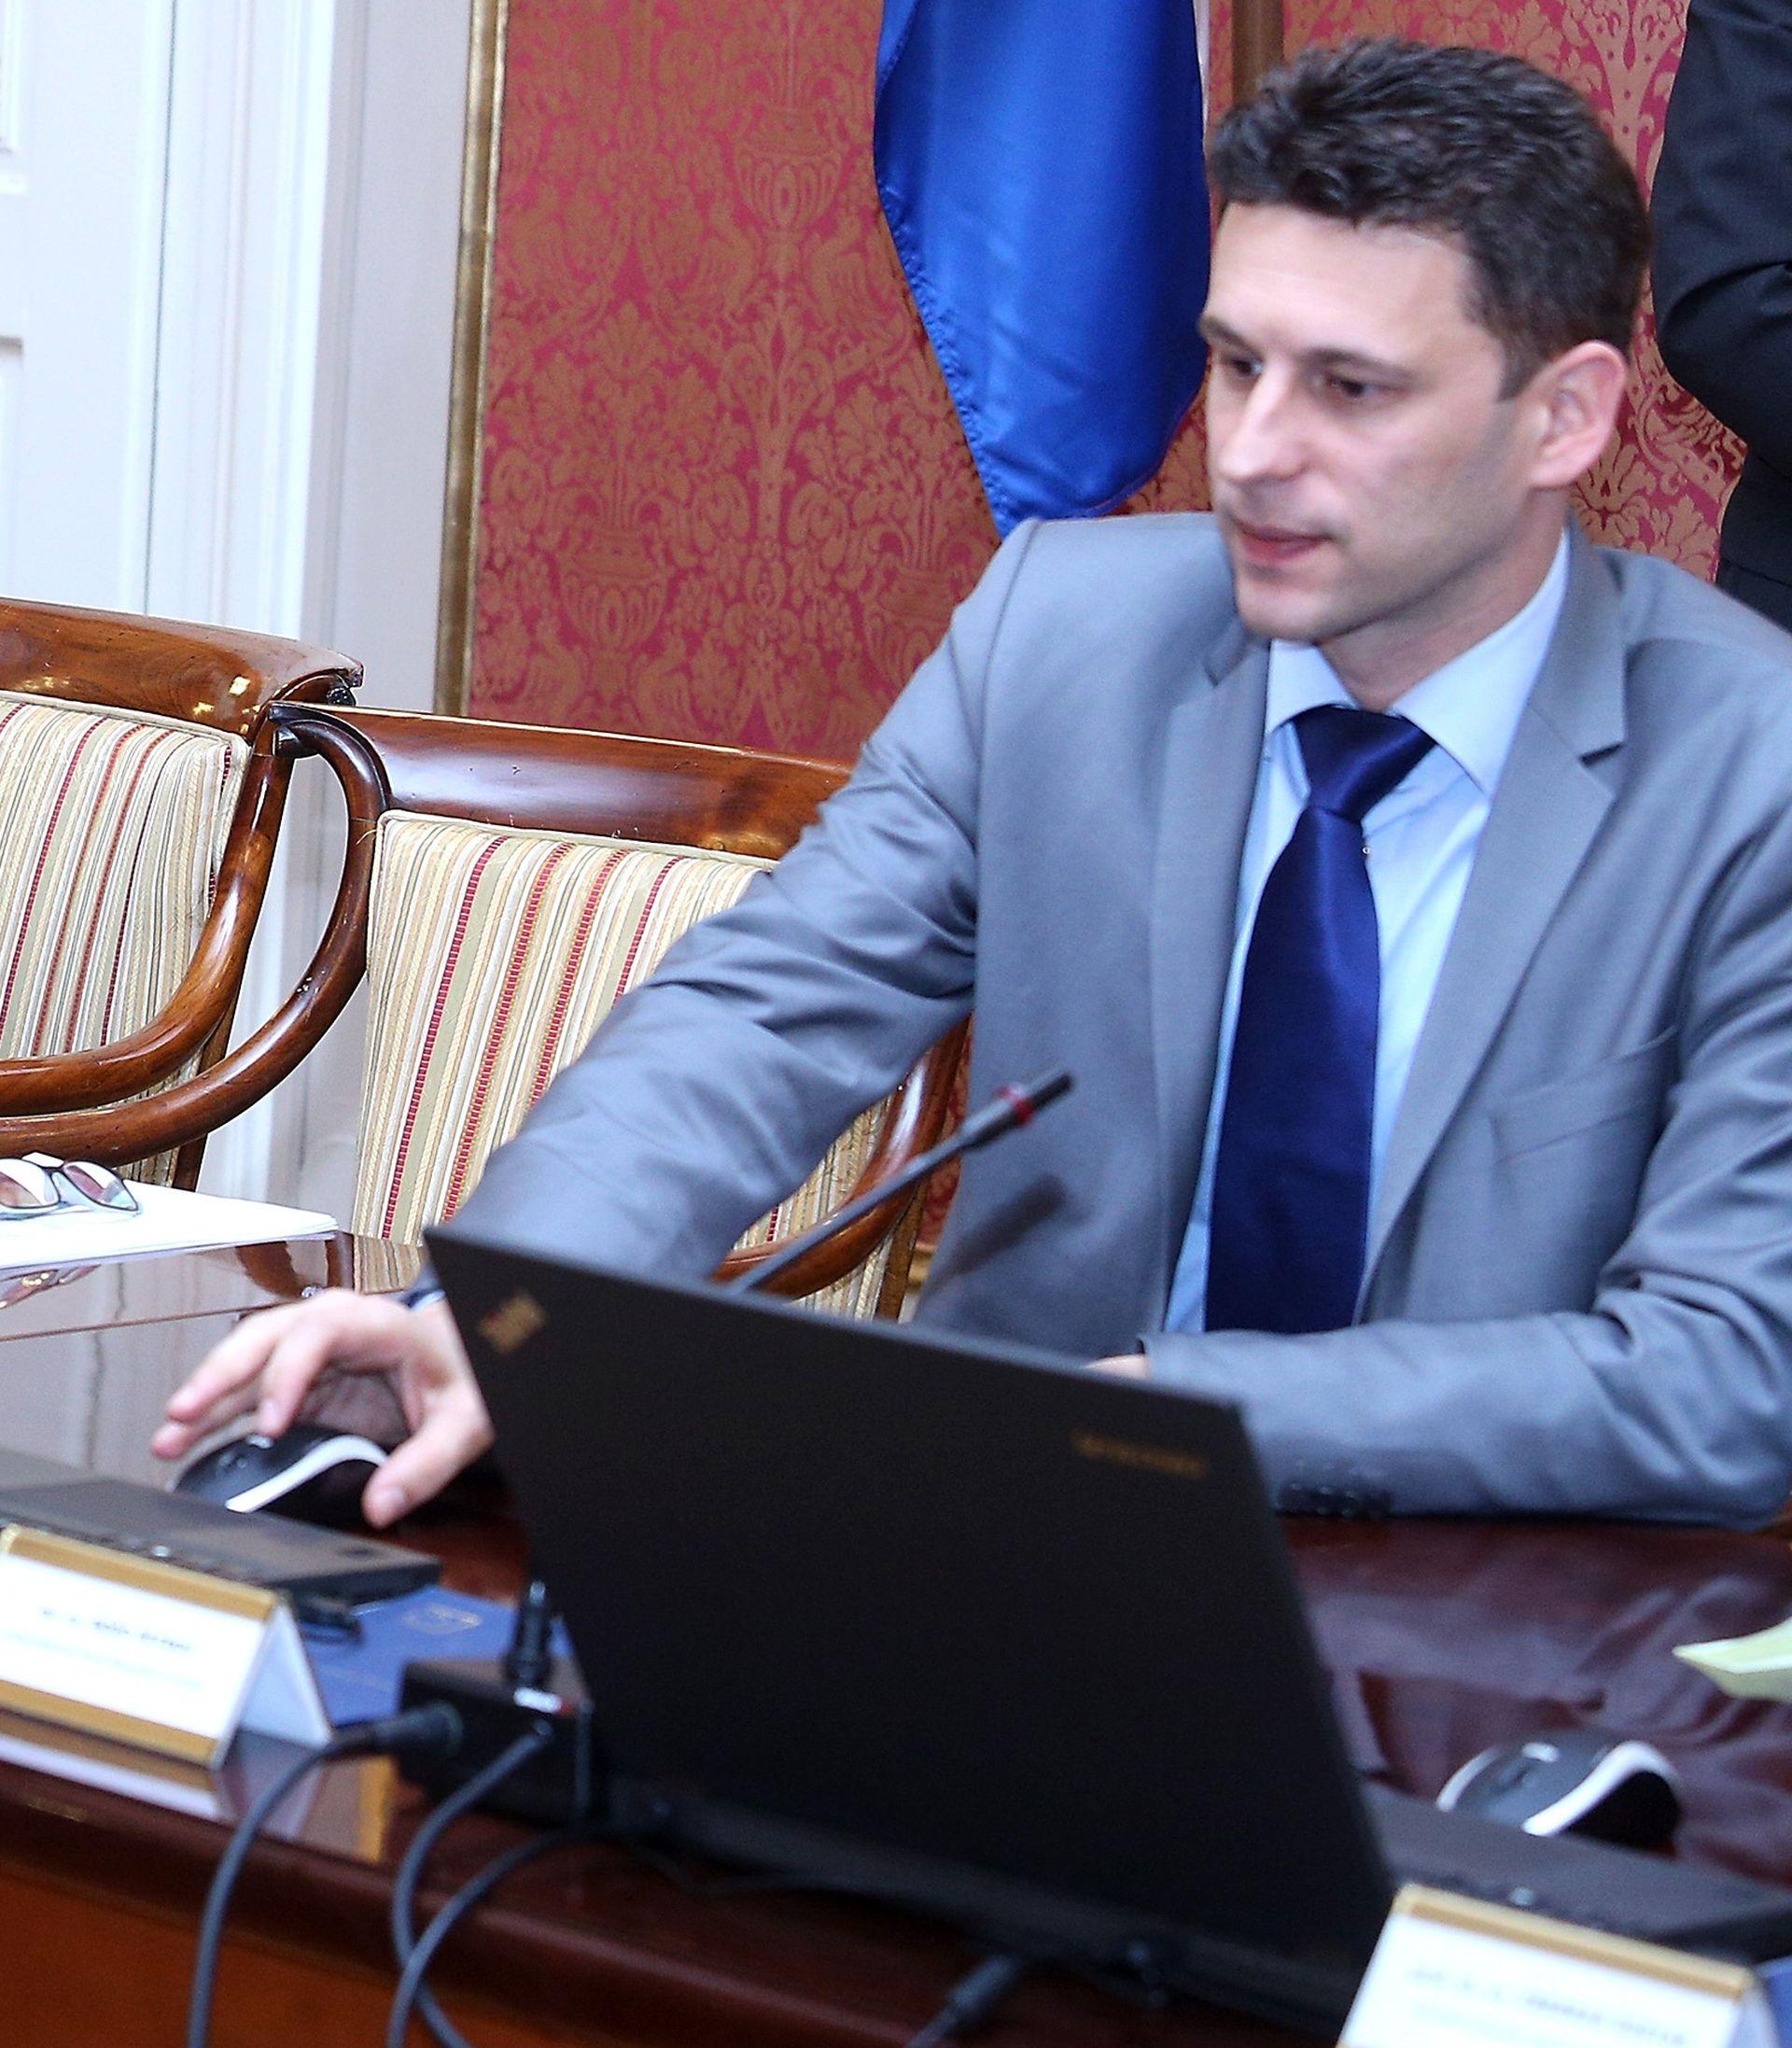 Petrov najavljuje izmjene Zakona o posebnim pravima predsjednika Republike